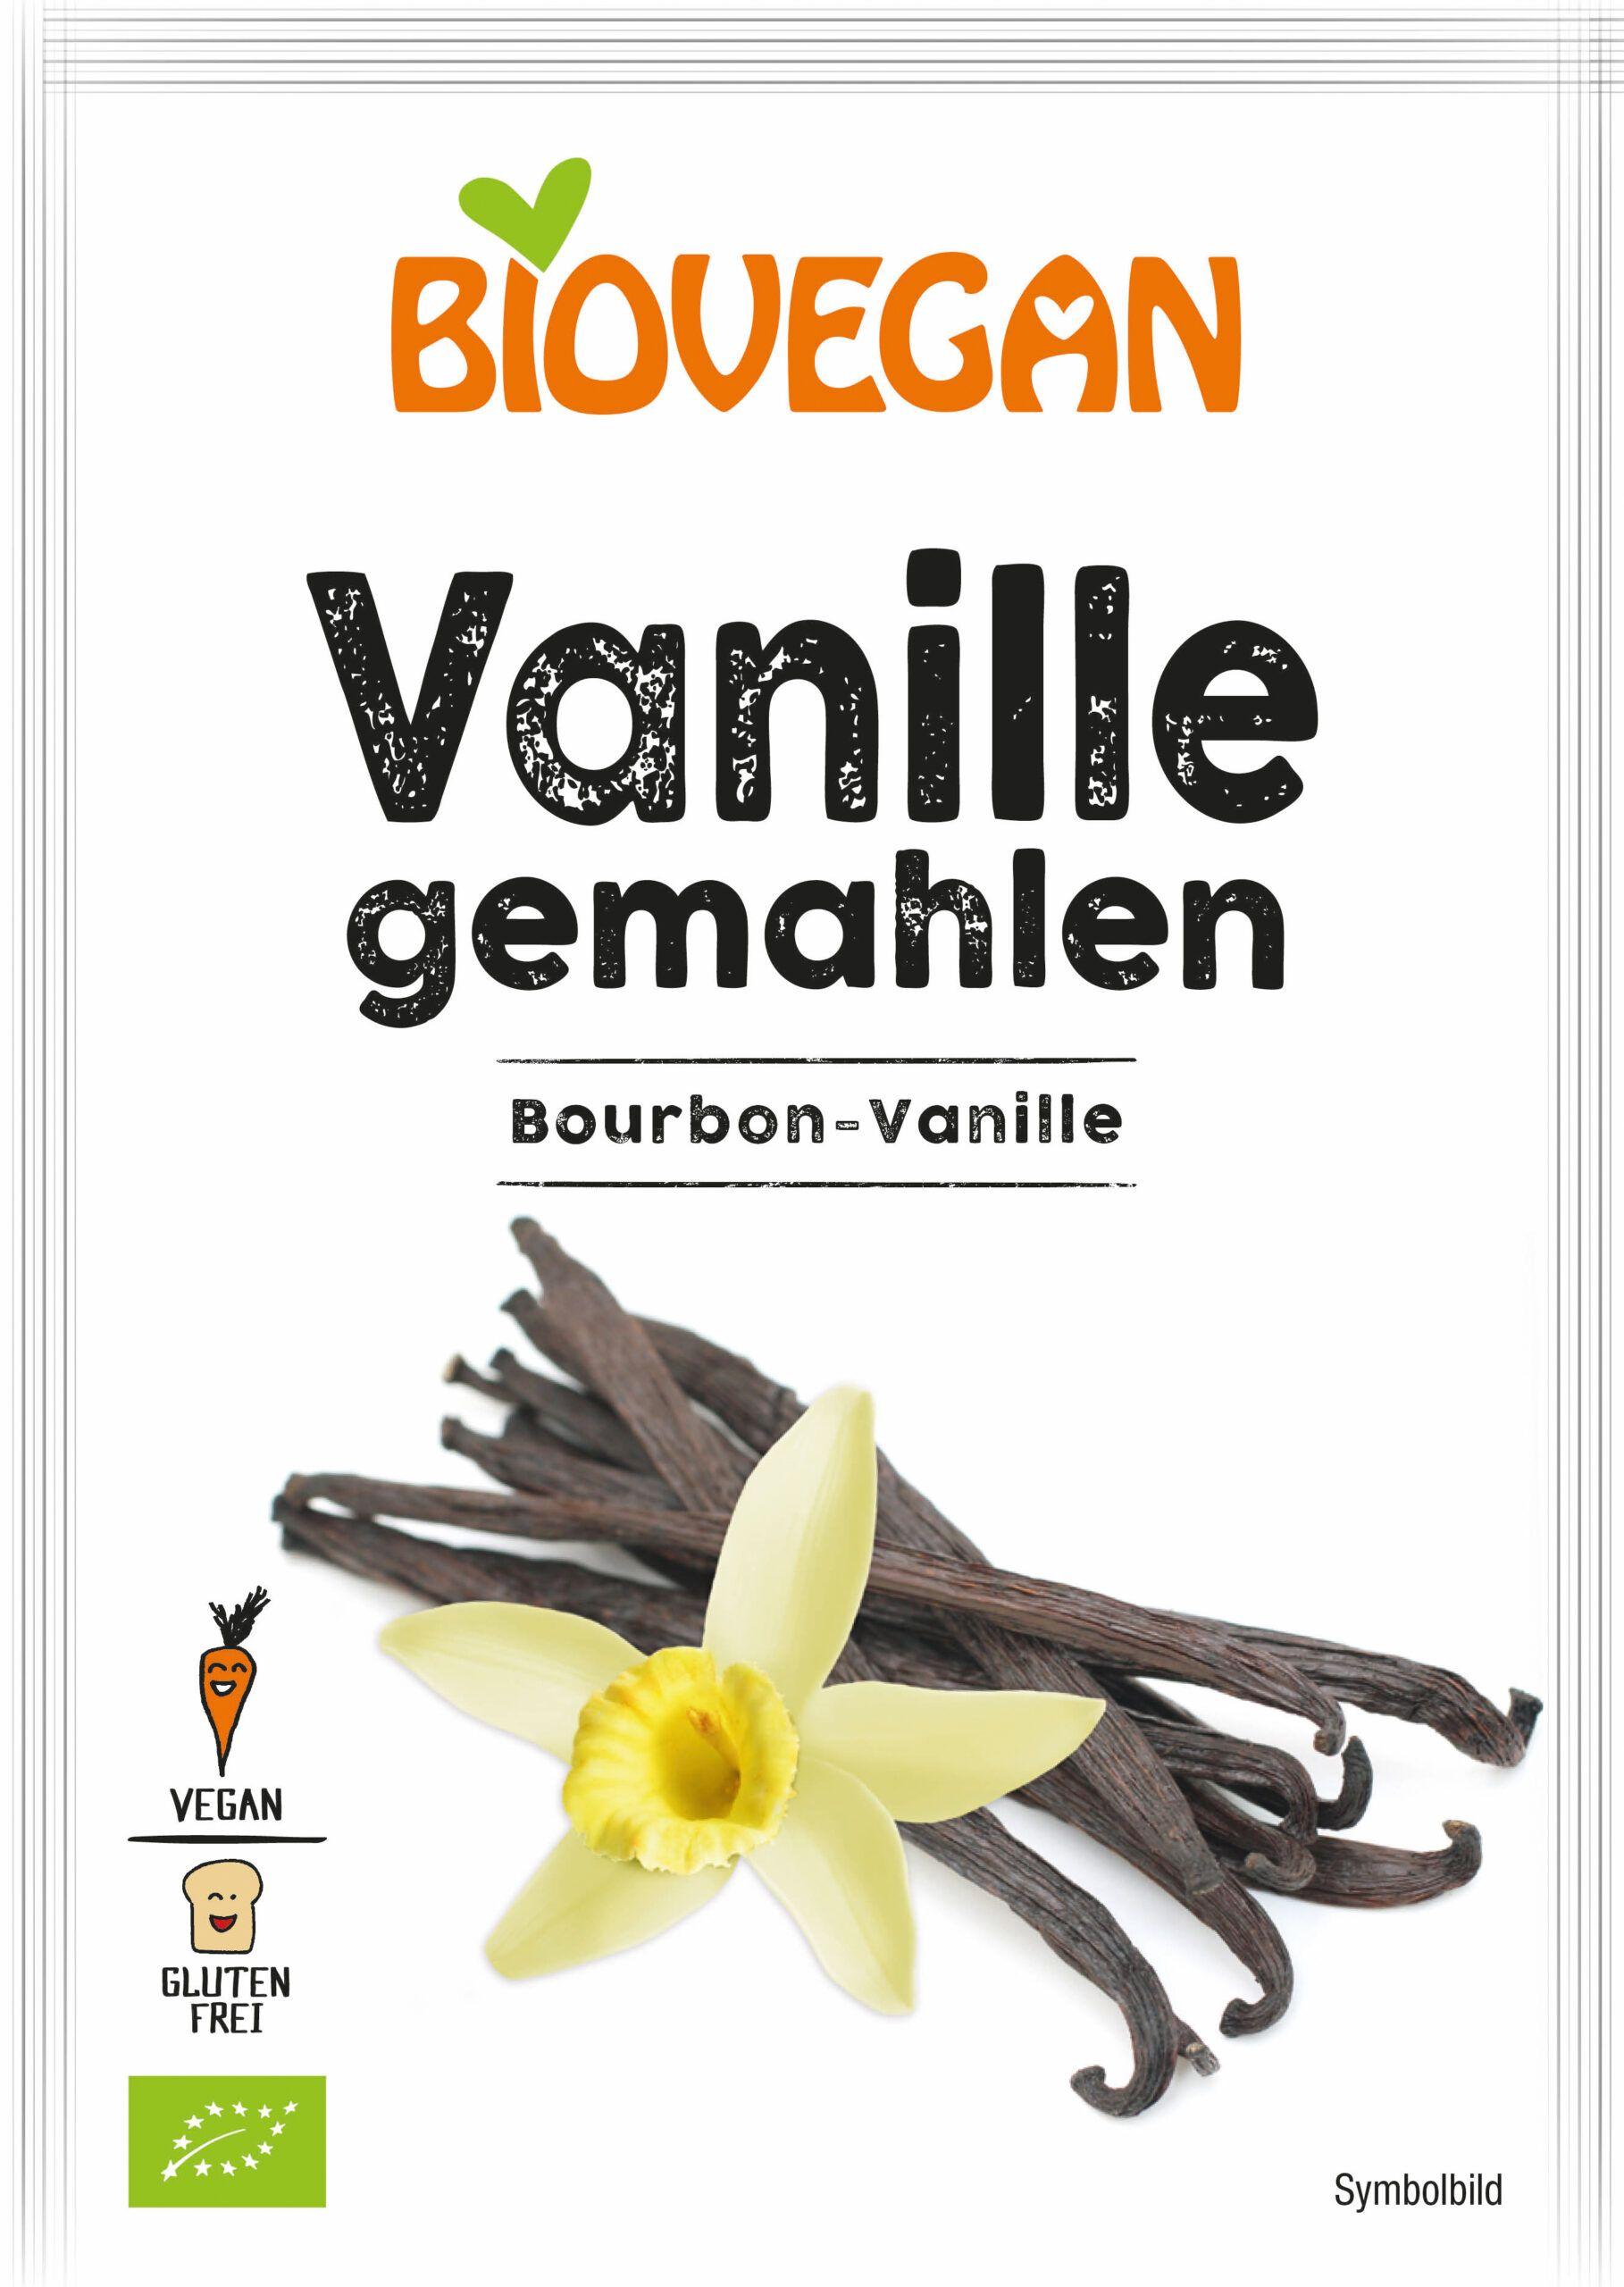 Verpackung Vanille gemahlen mit Bourbon-Vanille